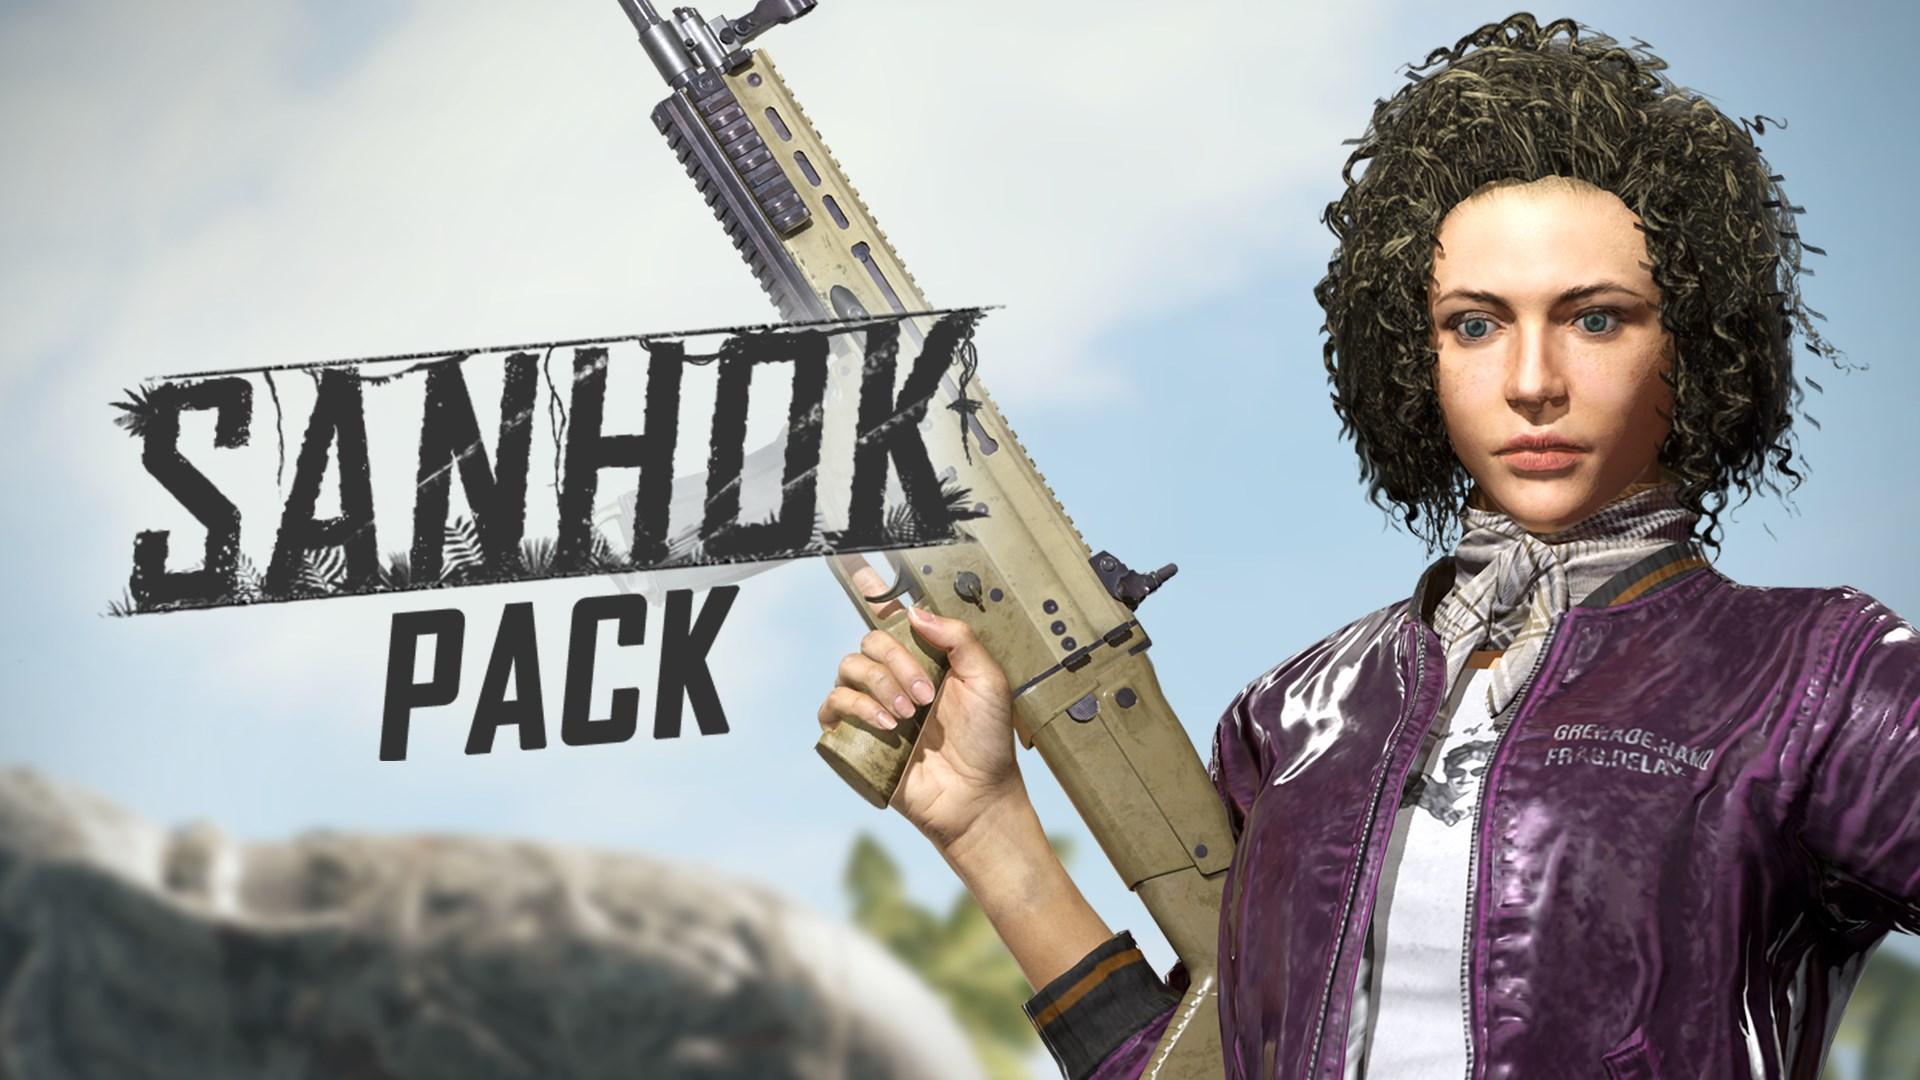 PUBG - Sanhok Pack